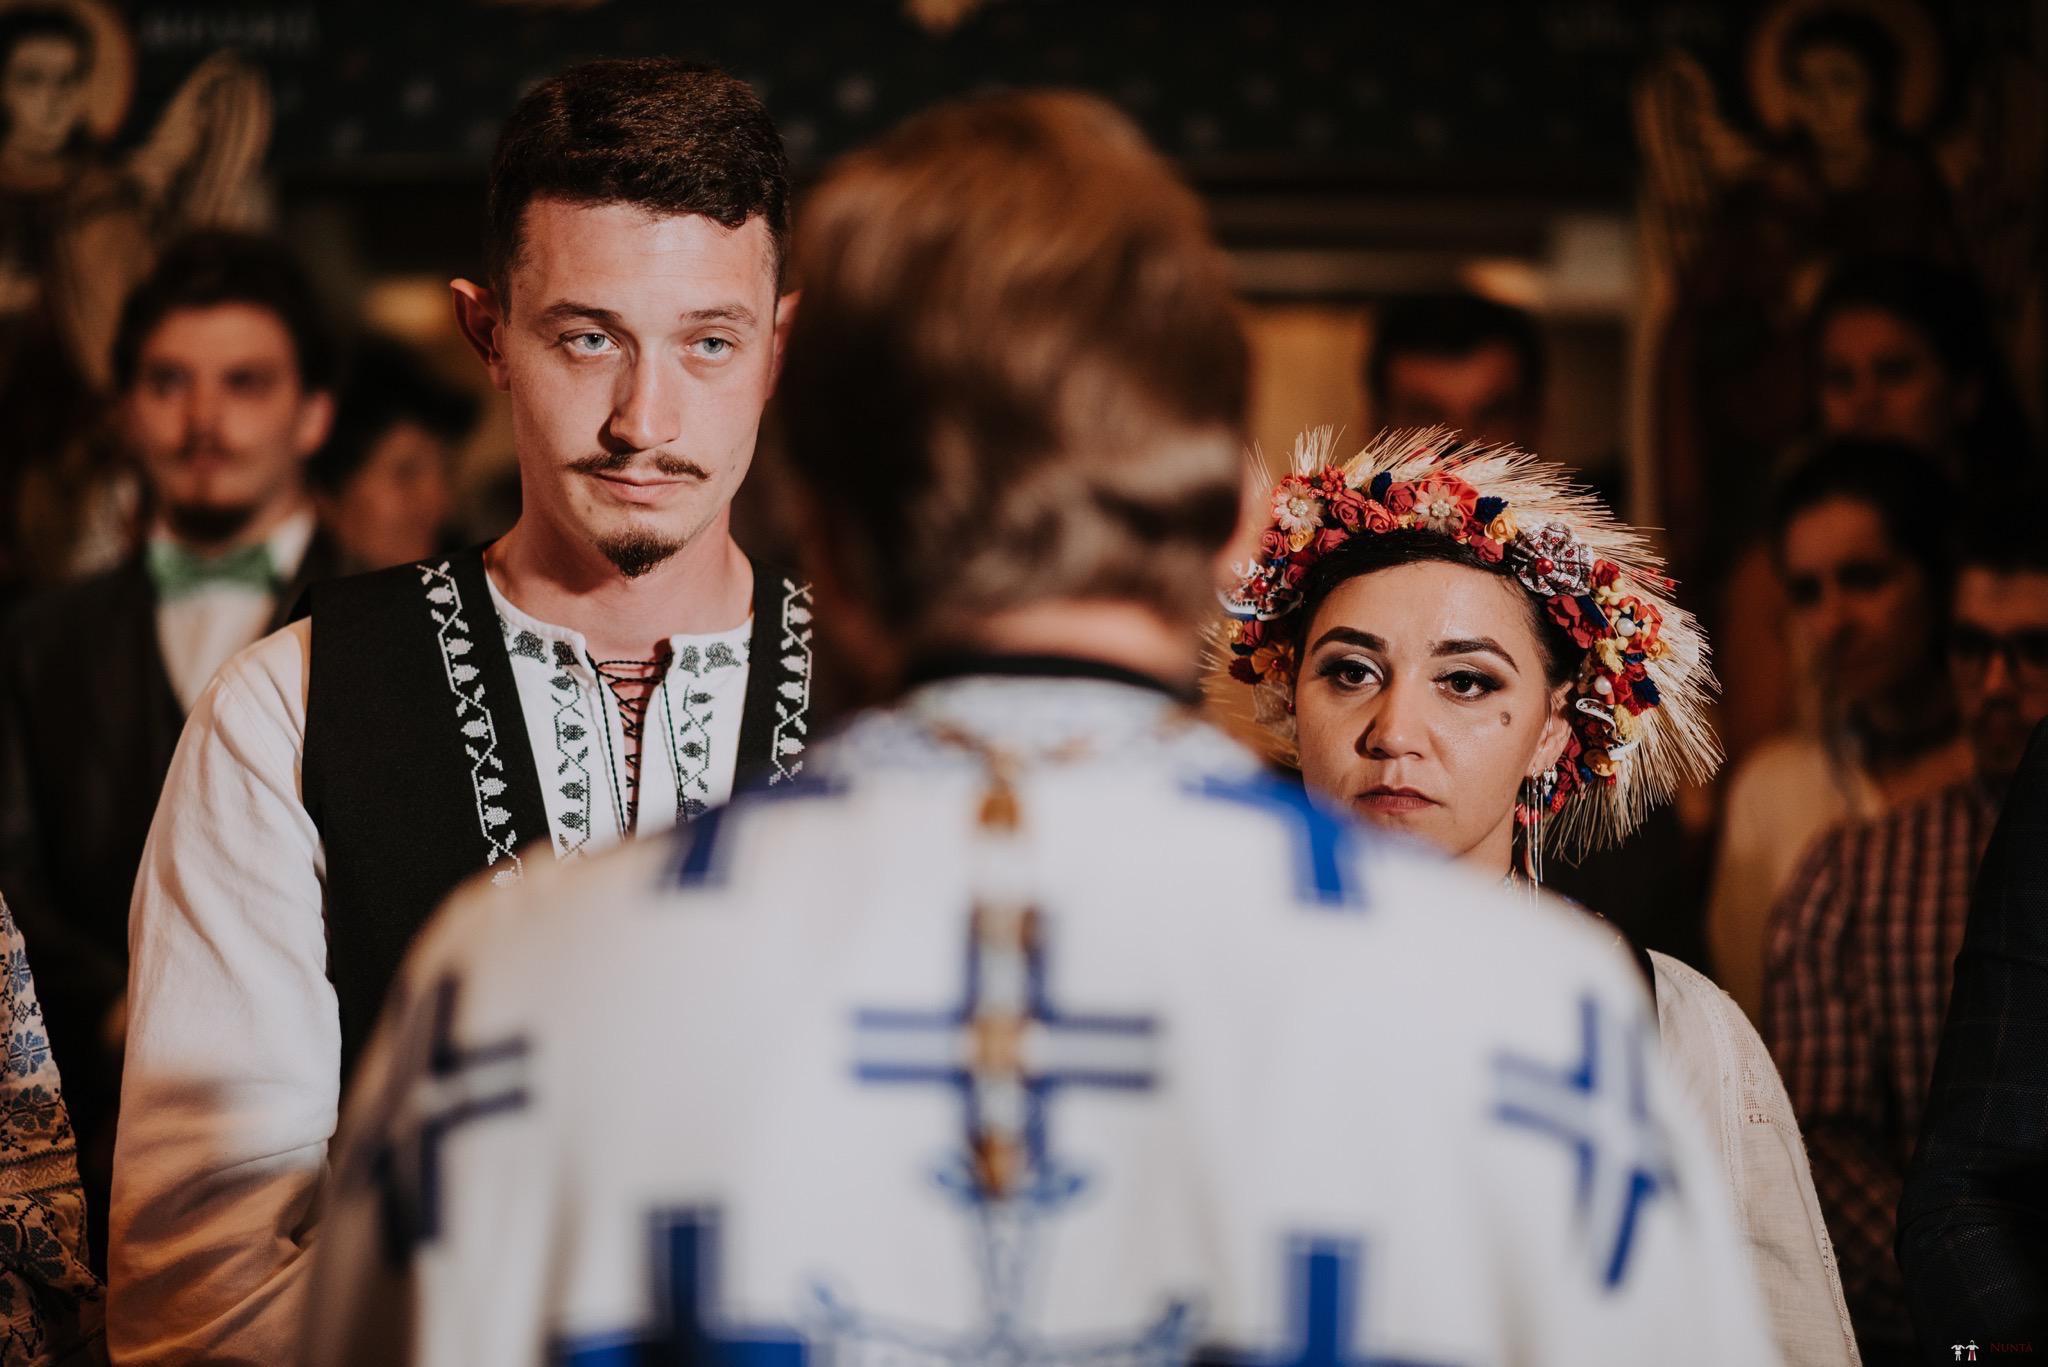 Povești Nunți Tradiționale - Silvia și Adrian. Nuntă tradițională în Ghighișeni, Bihor 49